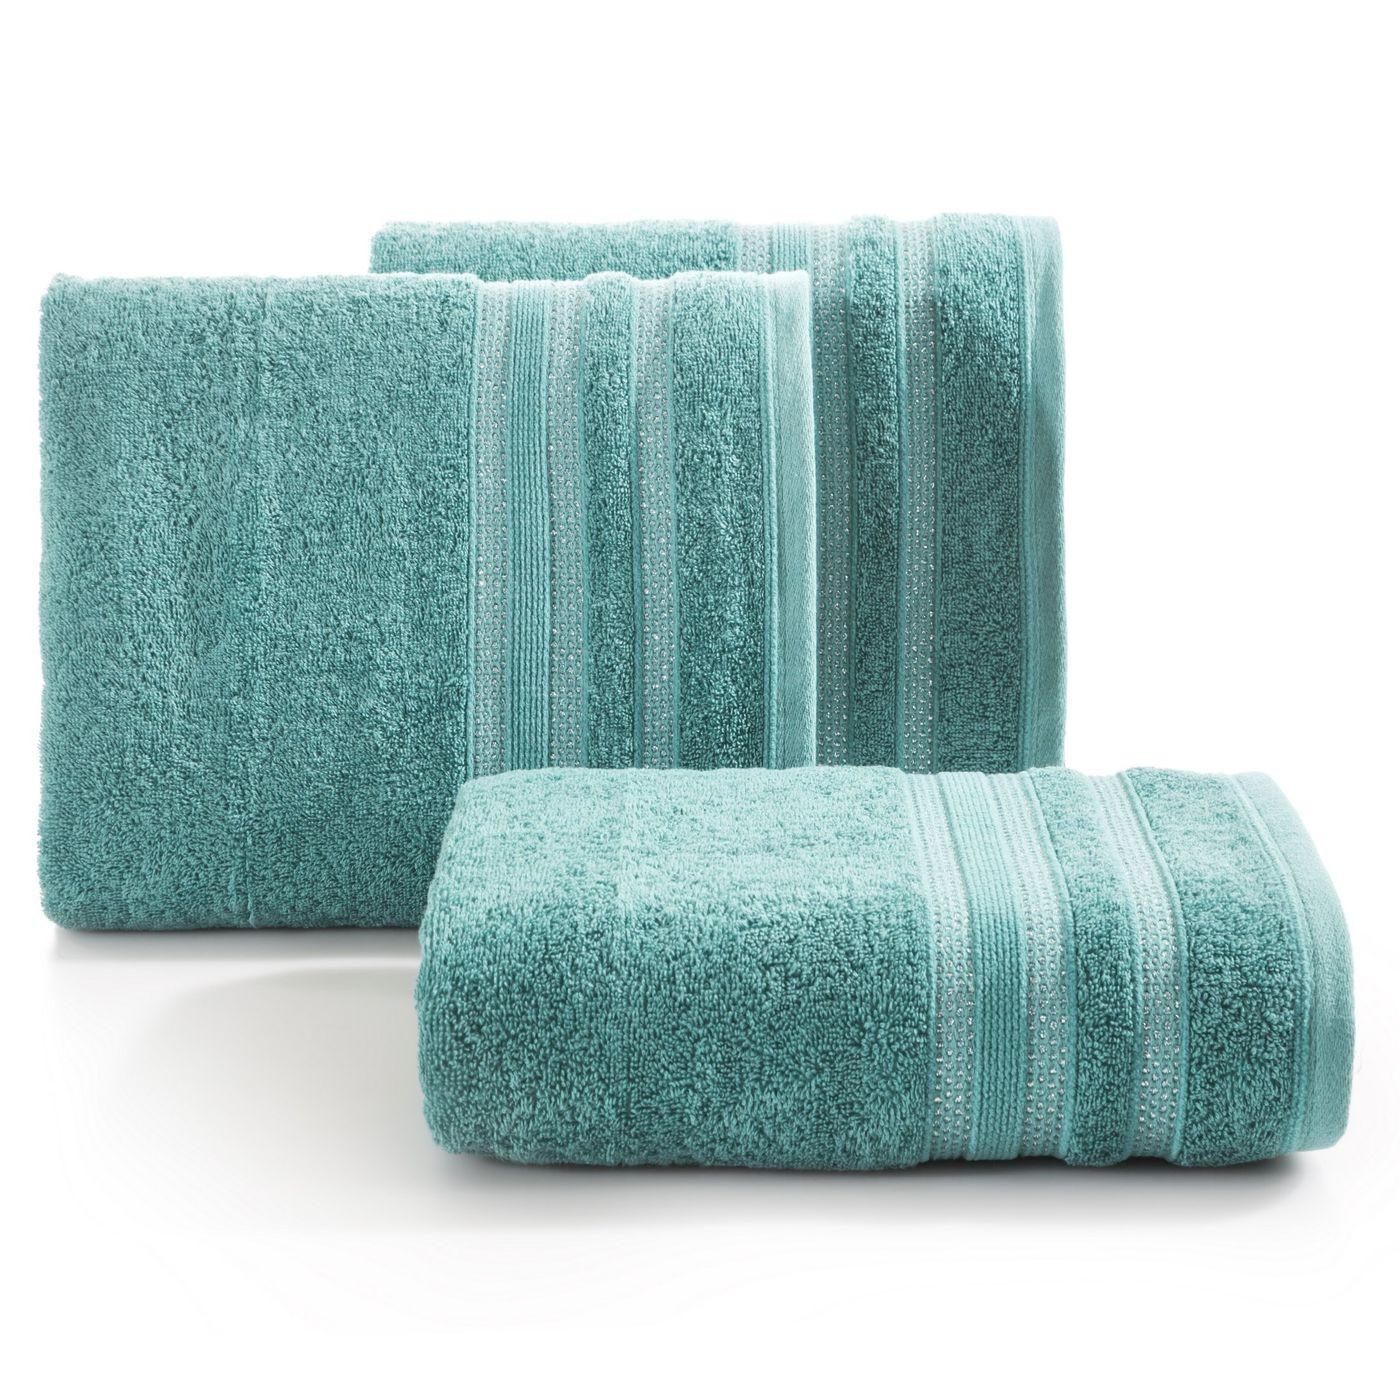 Ręcznik z bawełny zdobiony błyszczącą nitką 50x90cm turkusowy